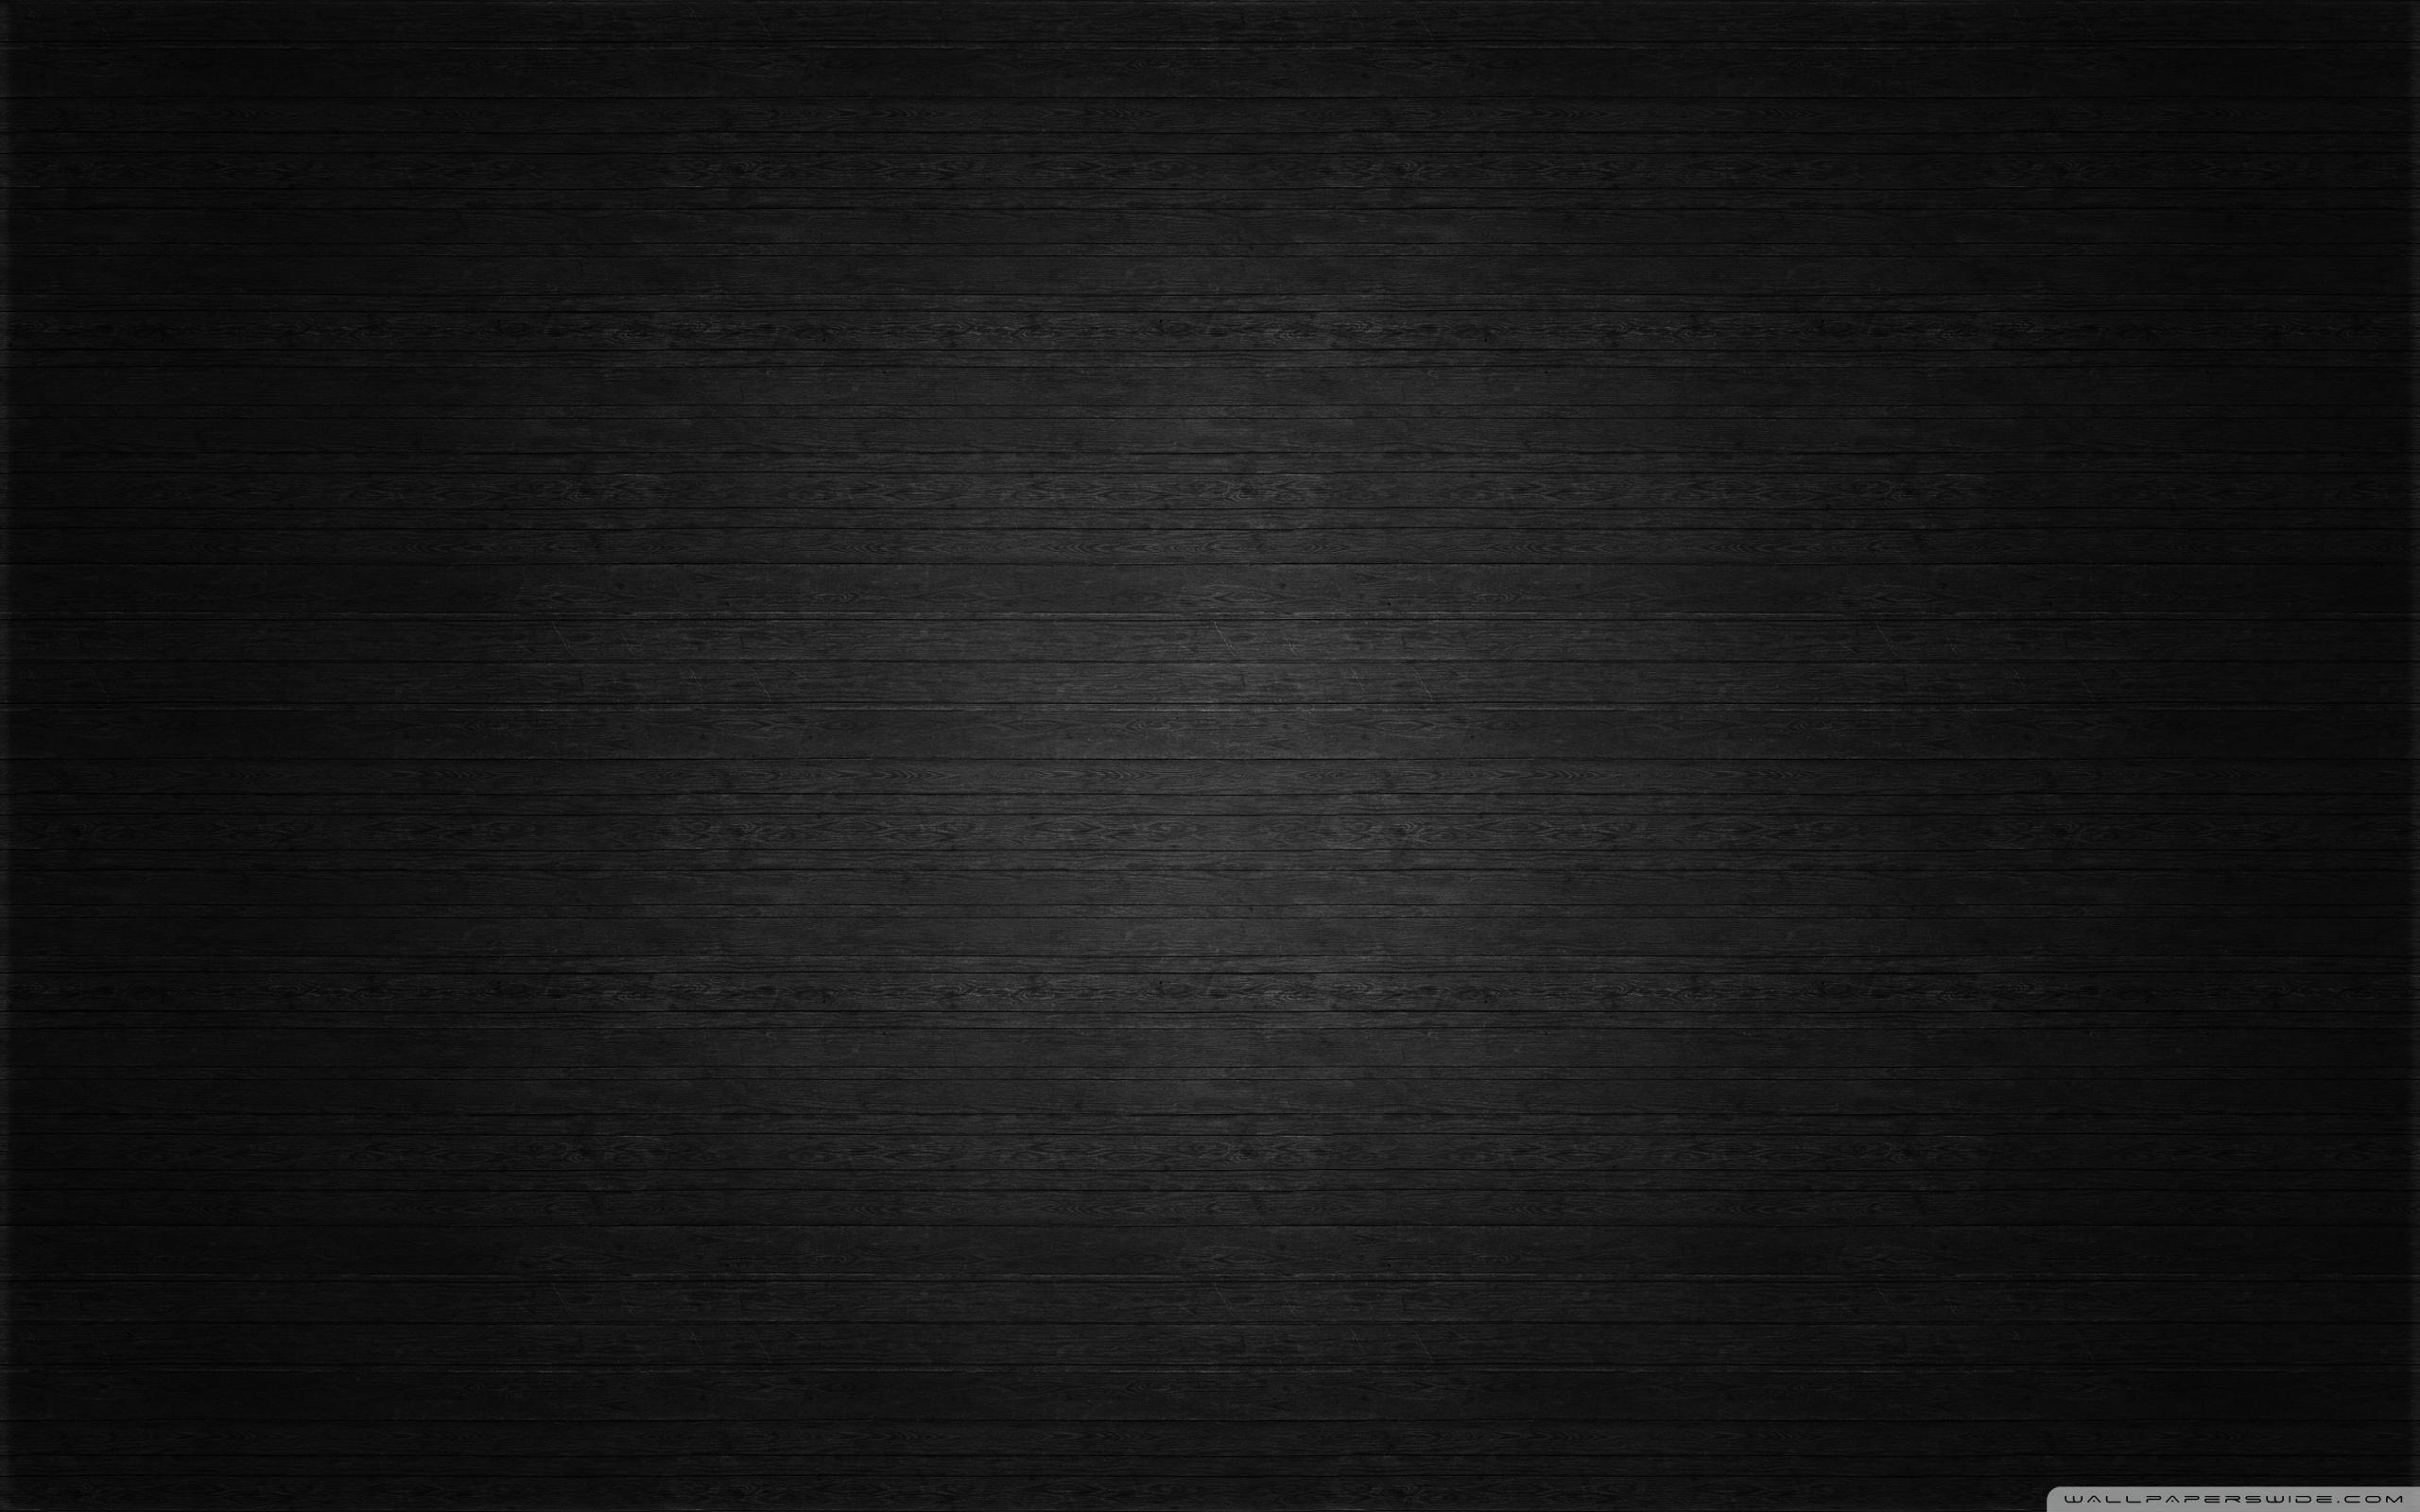 Black Background Wood I 4k Hd Desktop Wallpaper For 4k Ultra Hd Artbyrice